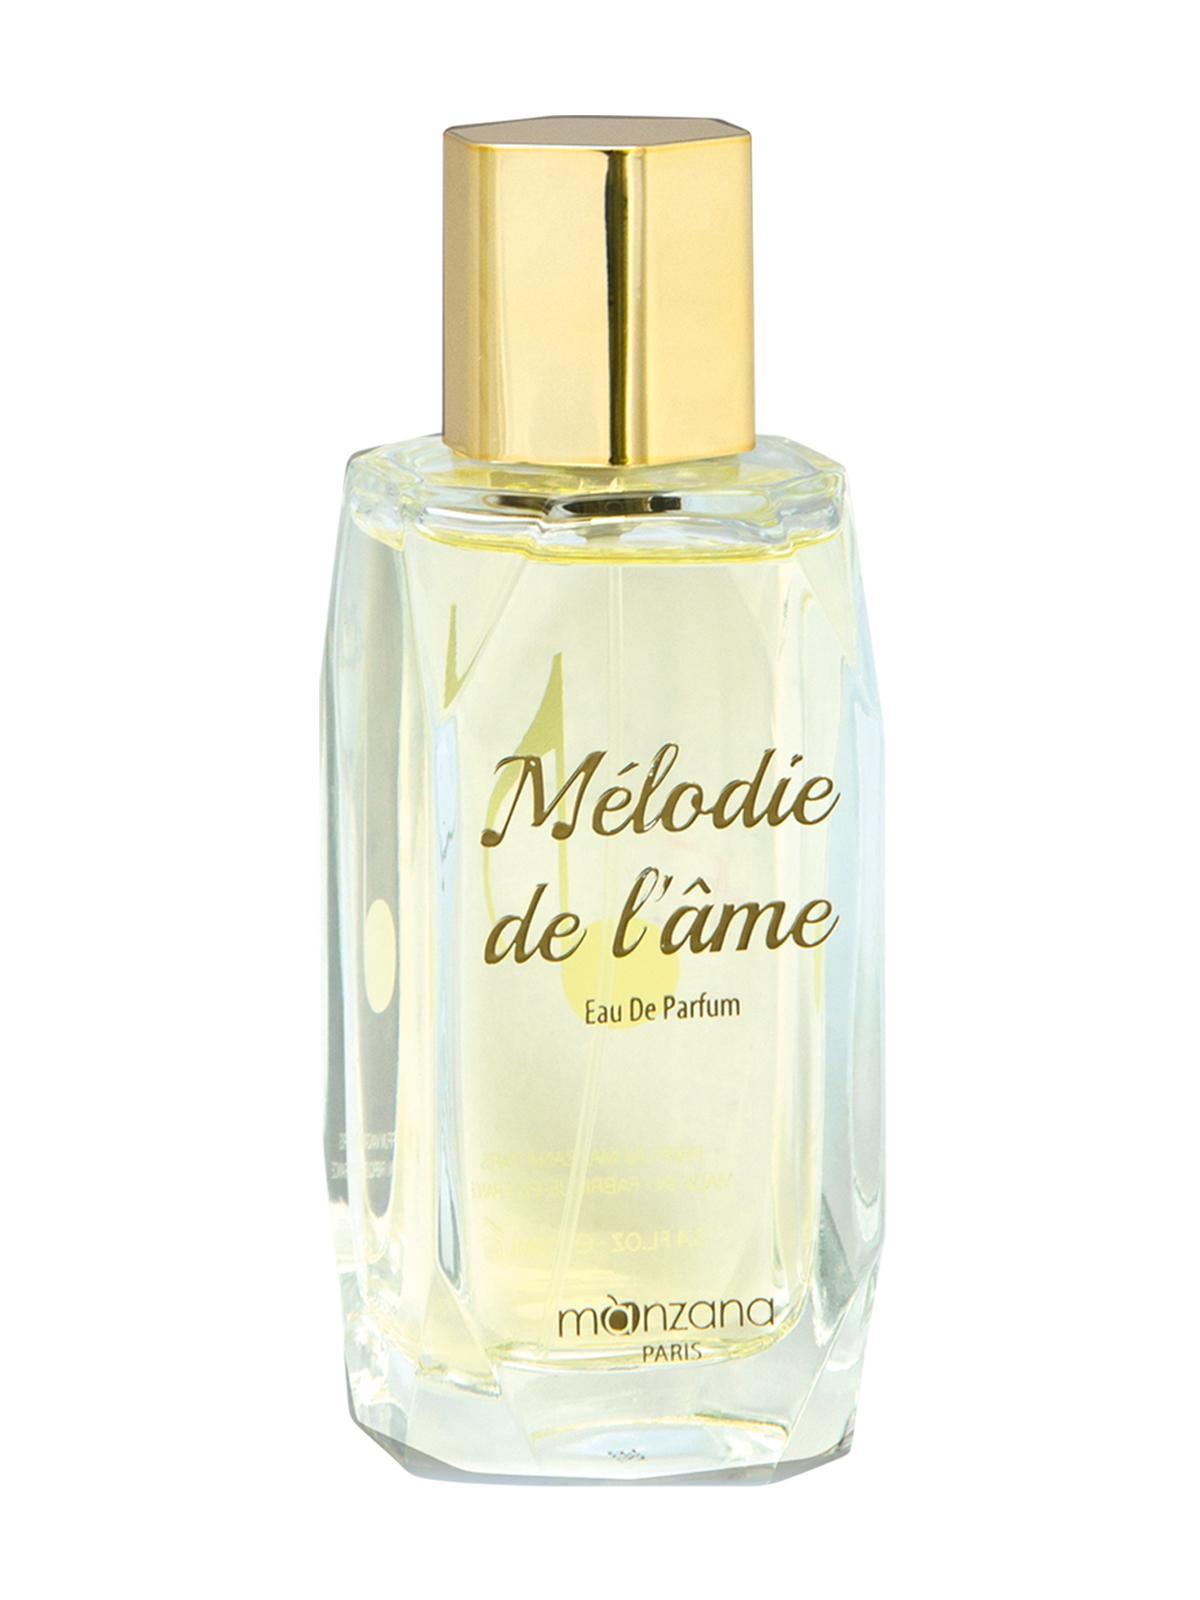 Manzana Melodie De L ame For Women Eau De Parfum 100ML